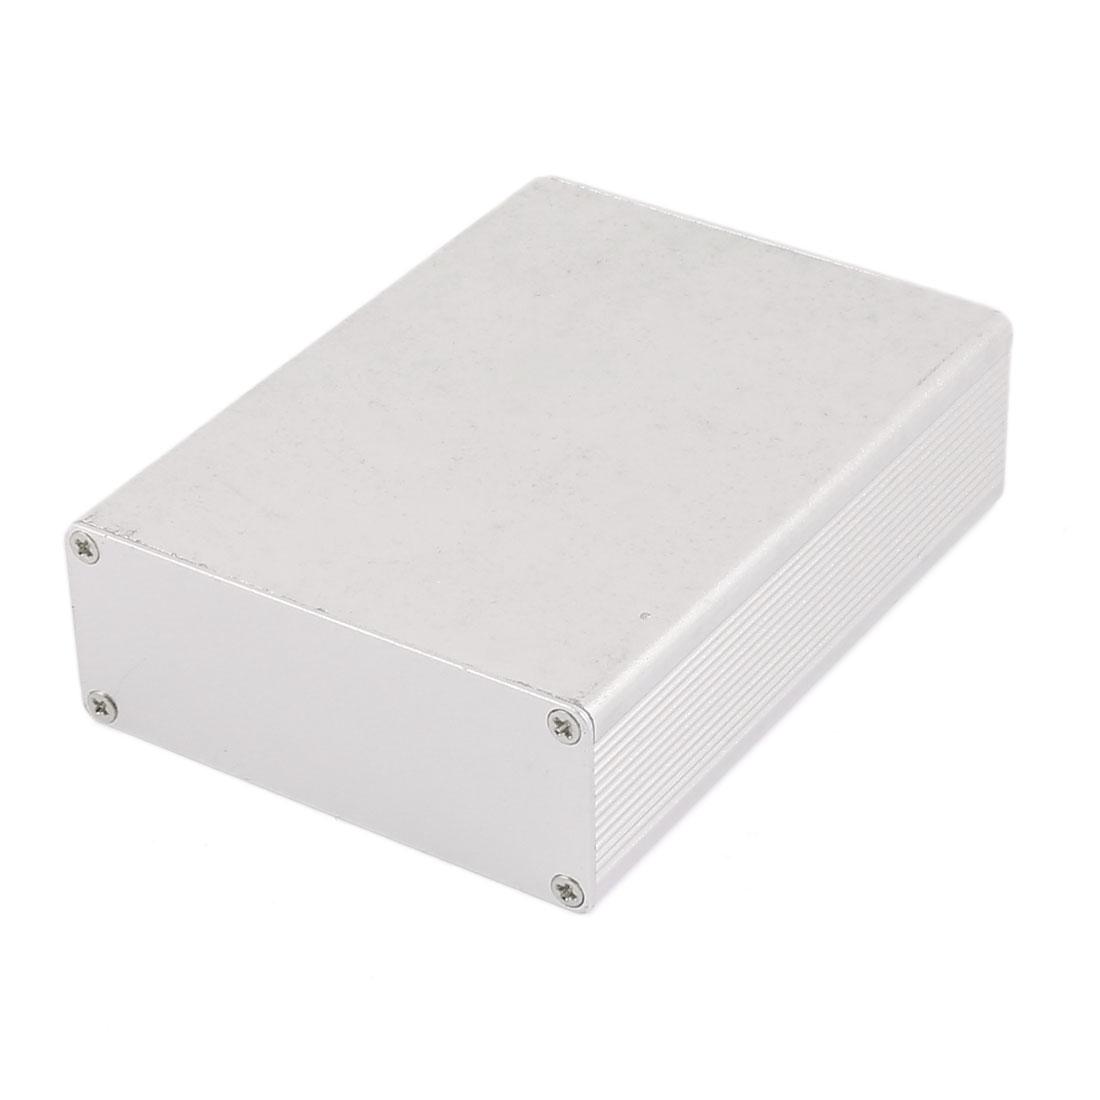 102 x 75 x 29mm Multi-purpose Electronic Extruded Aluminum Enclosure Box